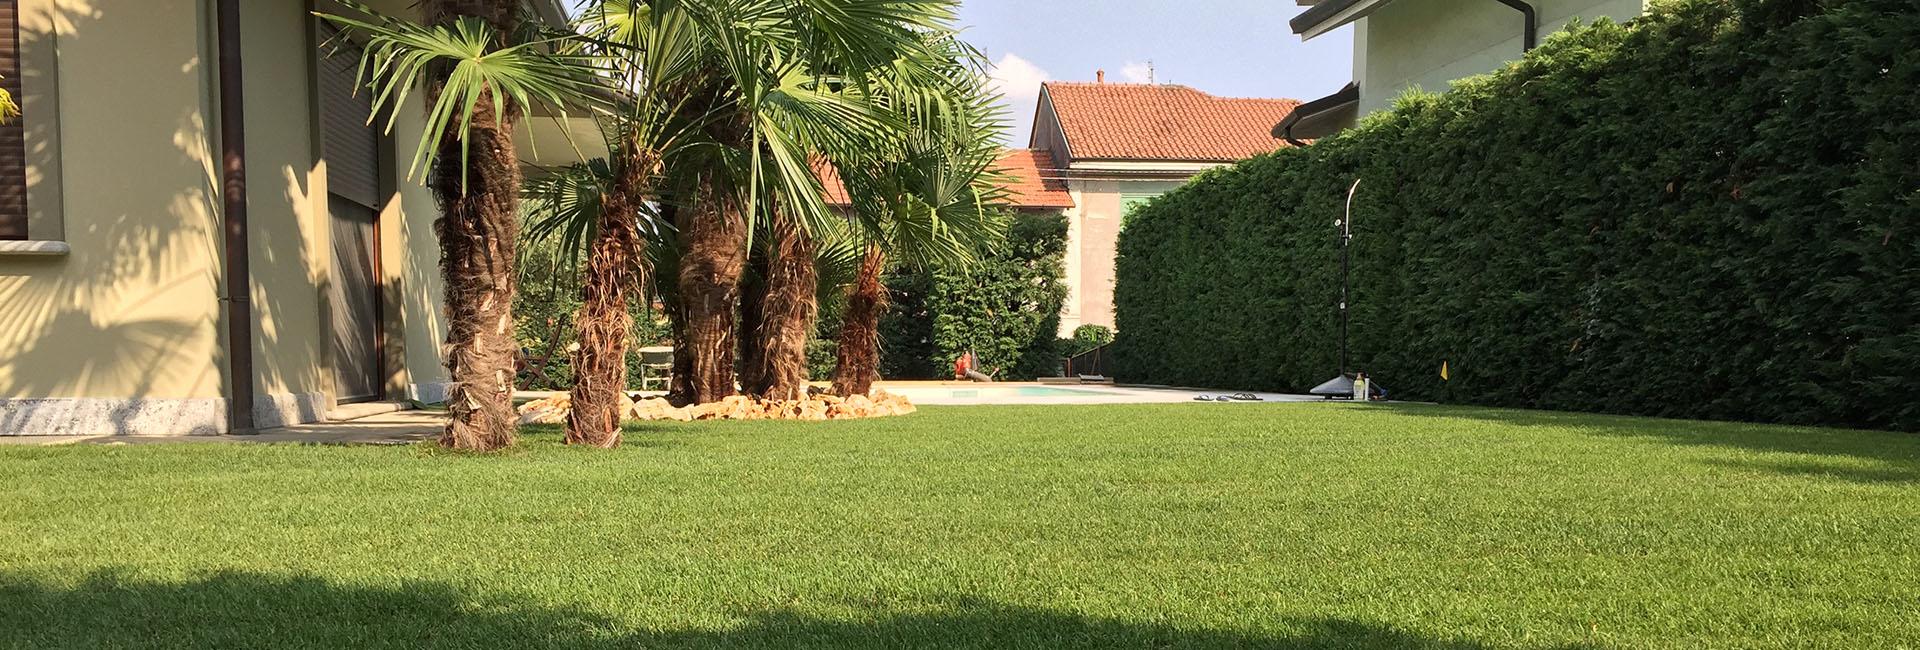 Manutenzione Giardini Milano E Provincia giardini | verde design - como